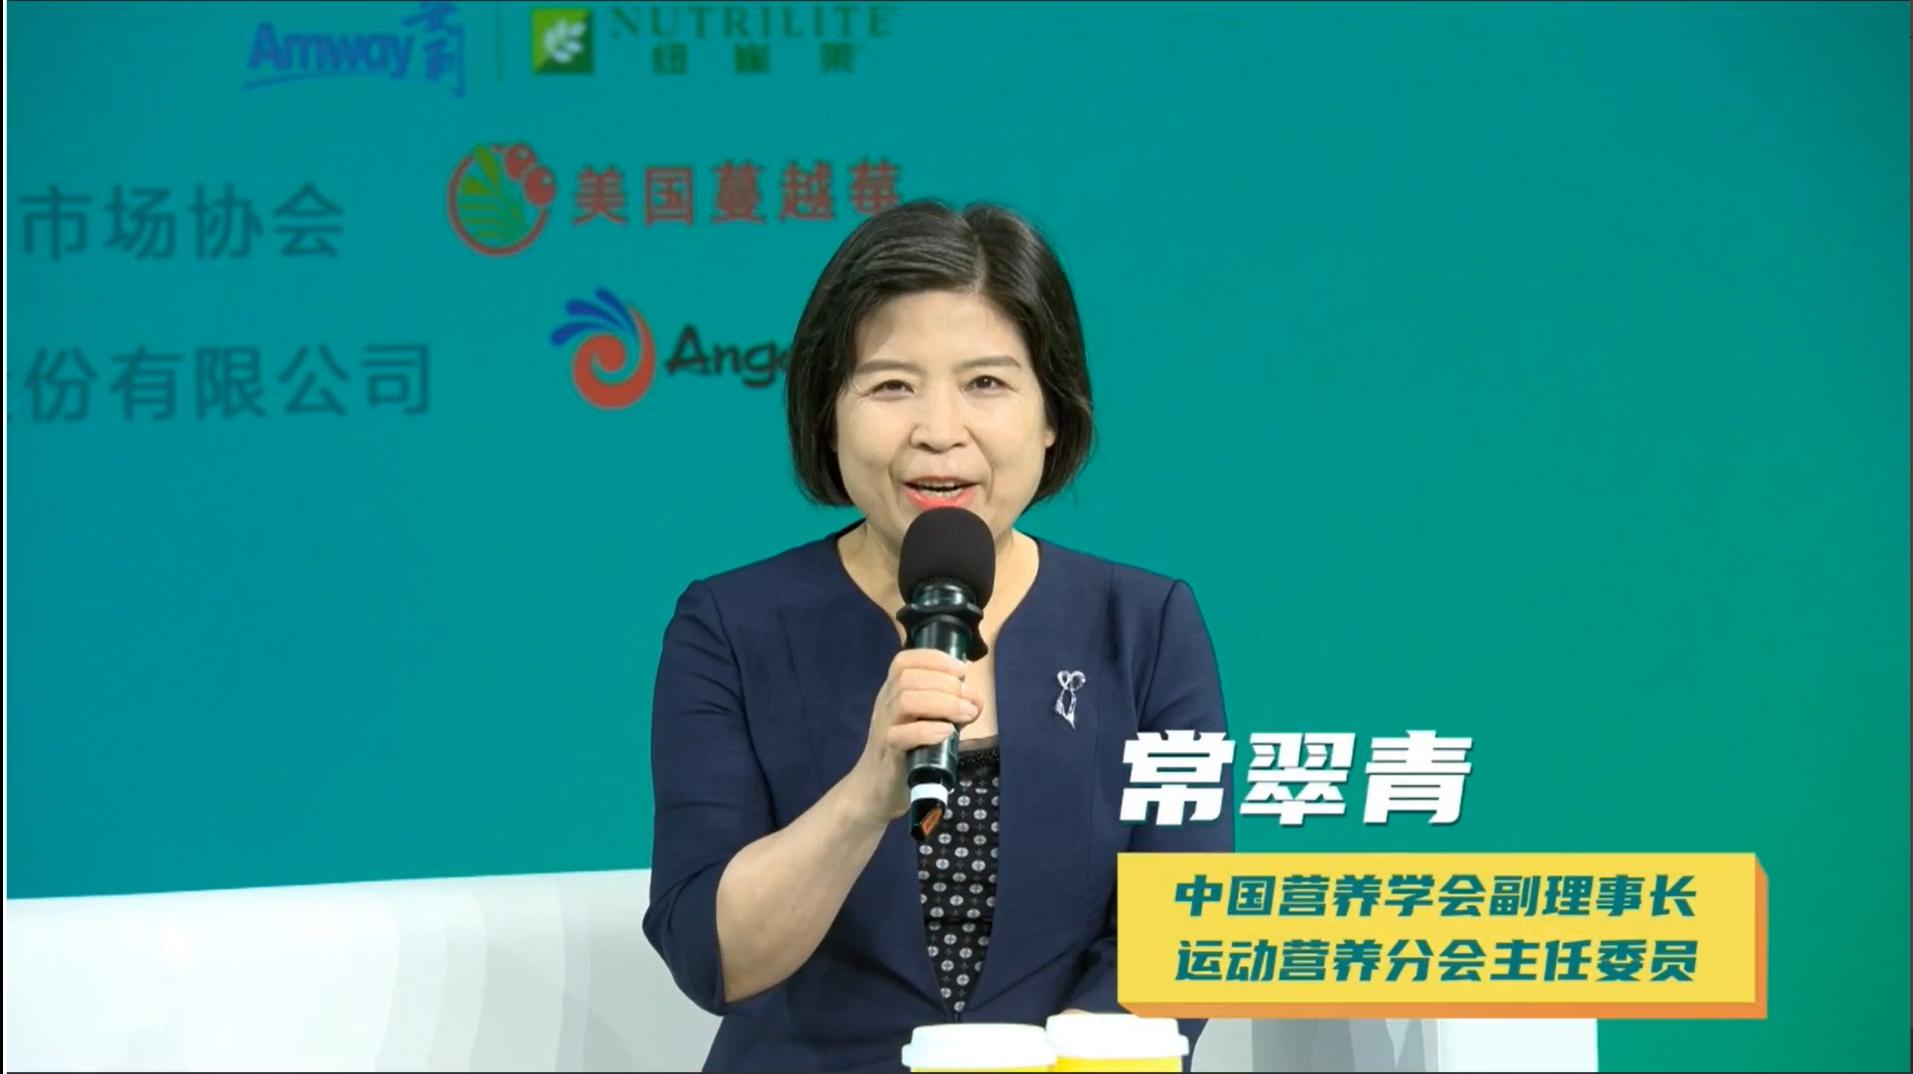 中国营养学会副理事长、运动营养分会主任委员常翠青